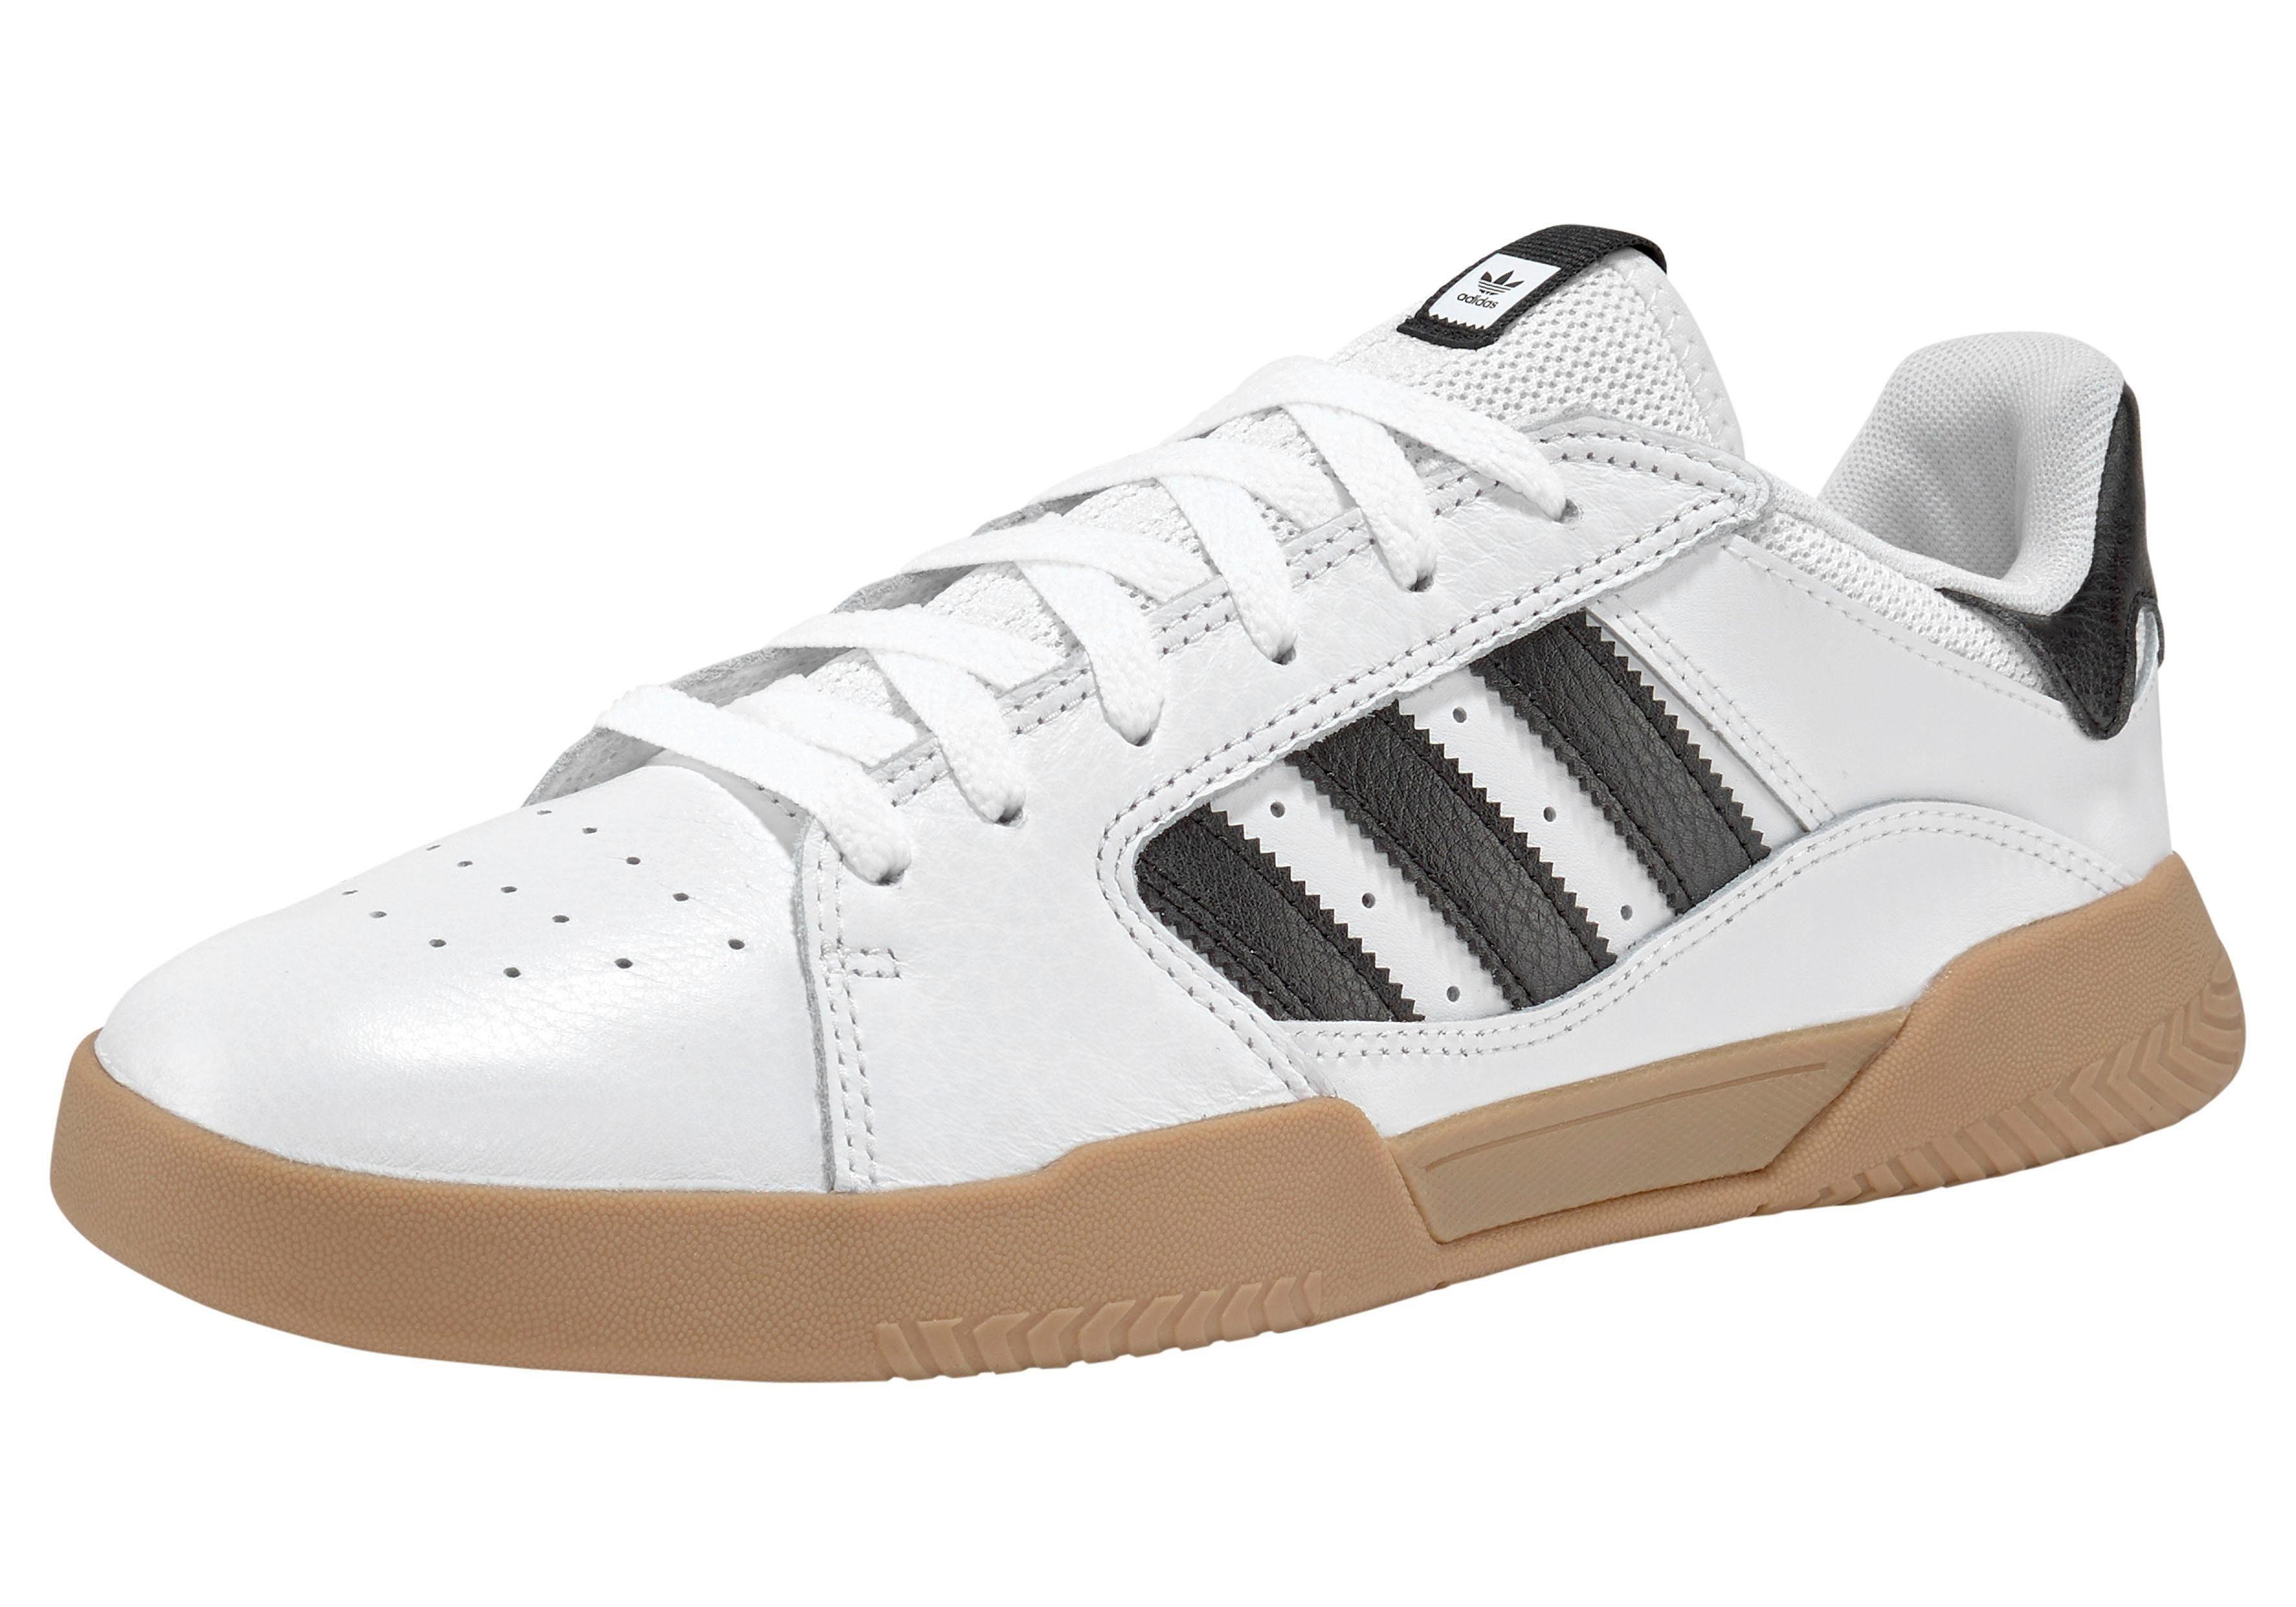 adidas Originals »VRX LOW« Sneaker, Skateinspirierter Sneaker von adidas online kaufen   OTTO